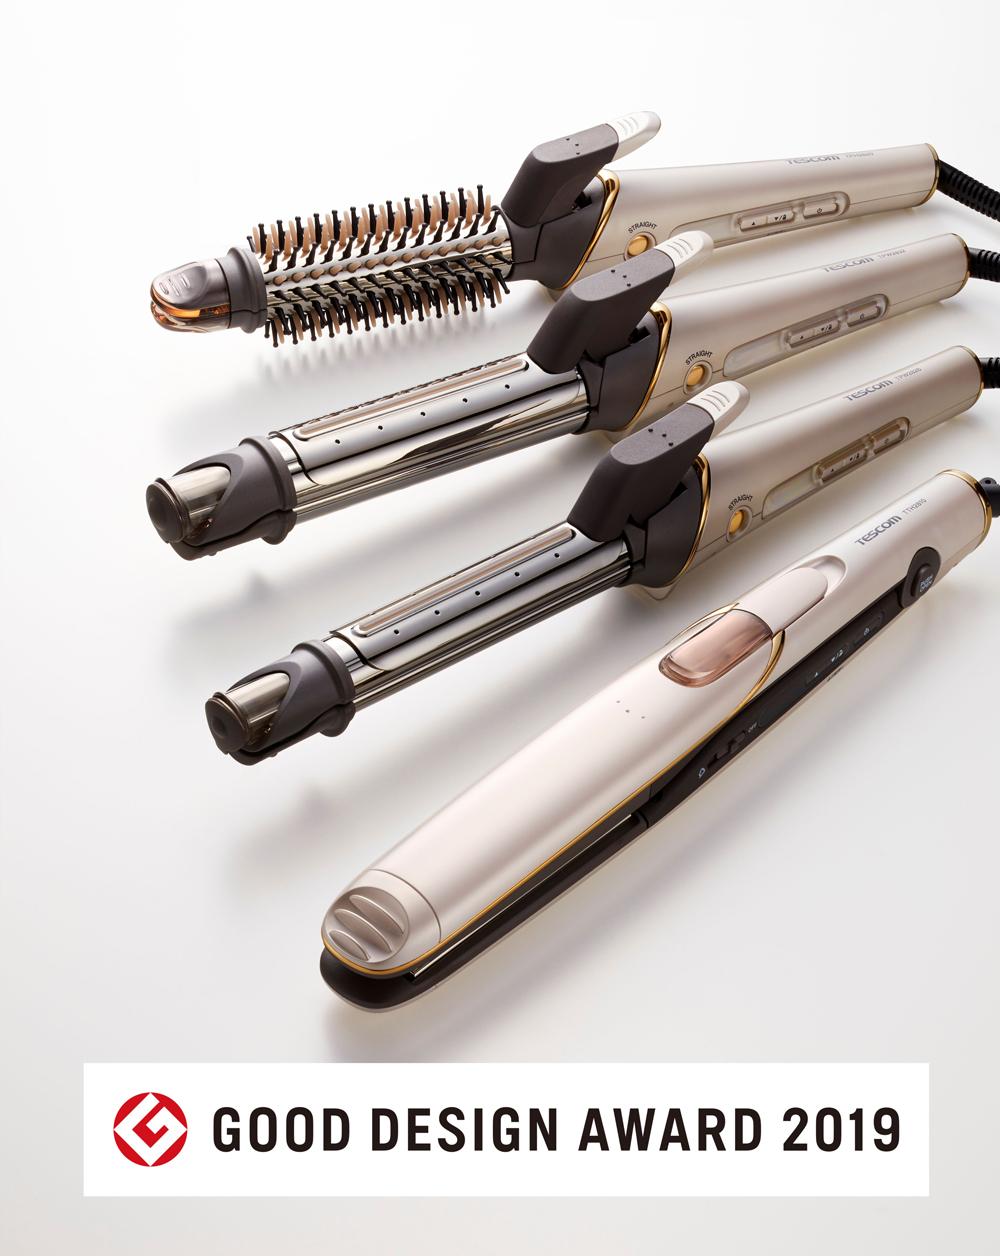 TESCOMヘアーアイロンシリーズ 3種4機種  「2019年度グッドデザイン賞」を受賞 !